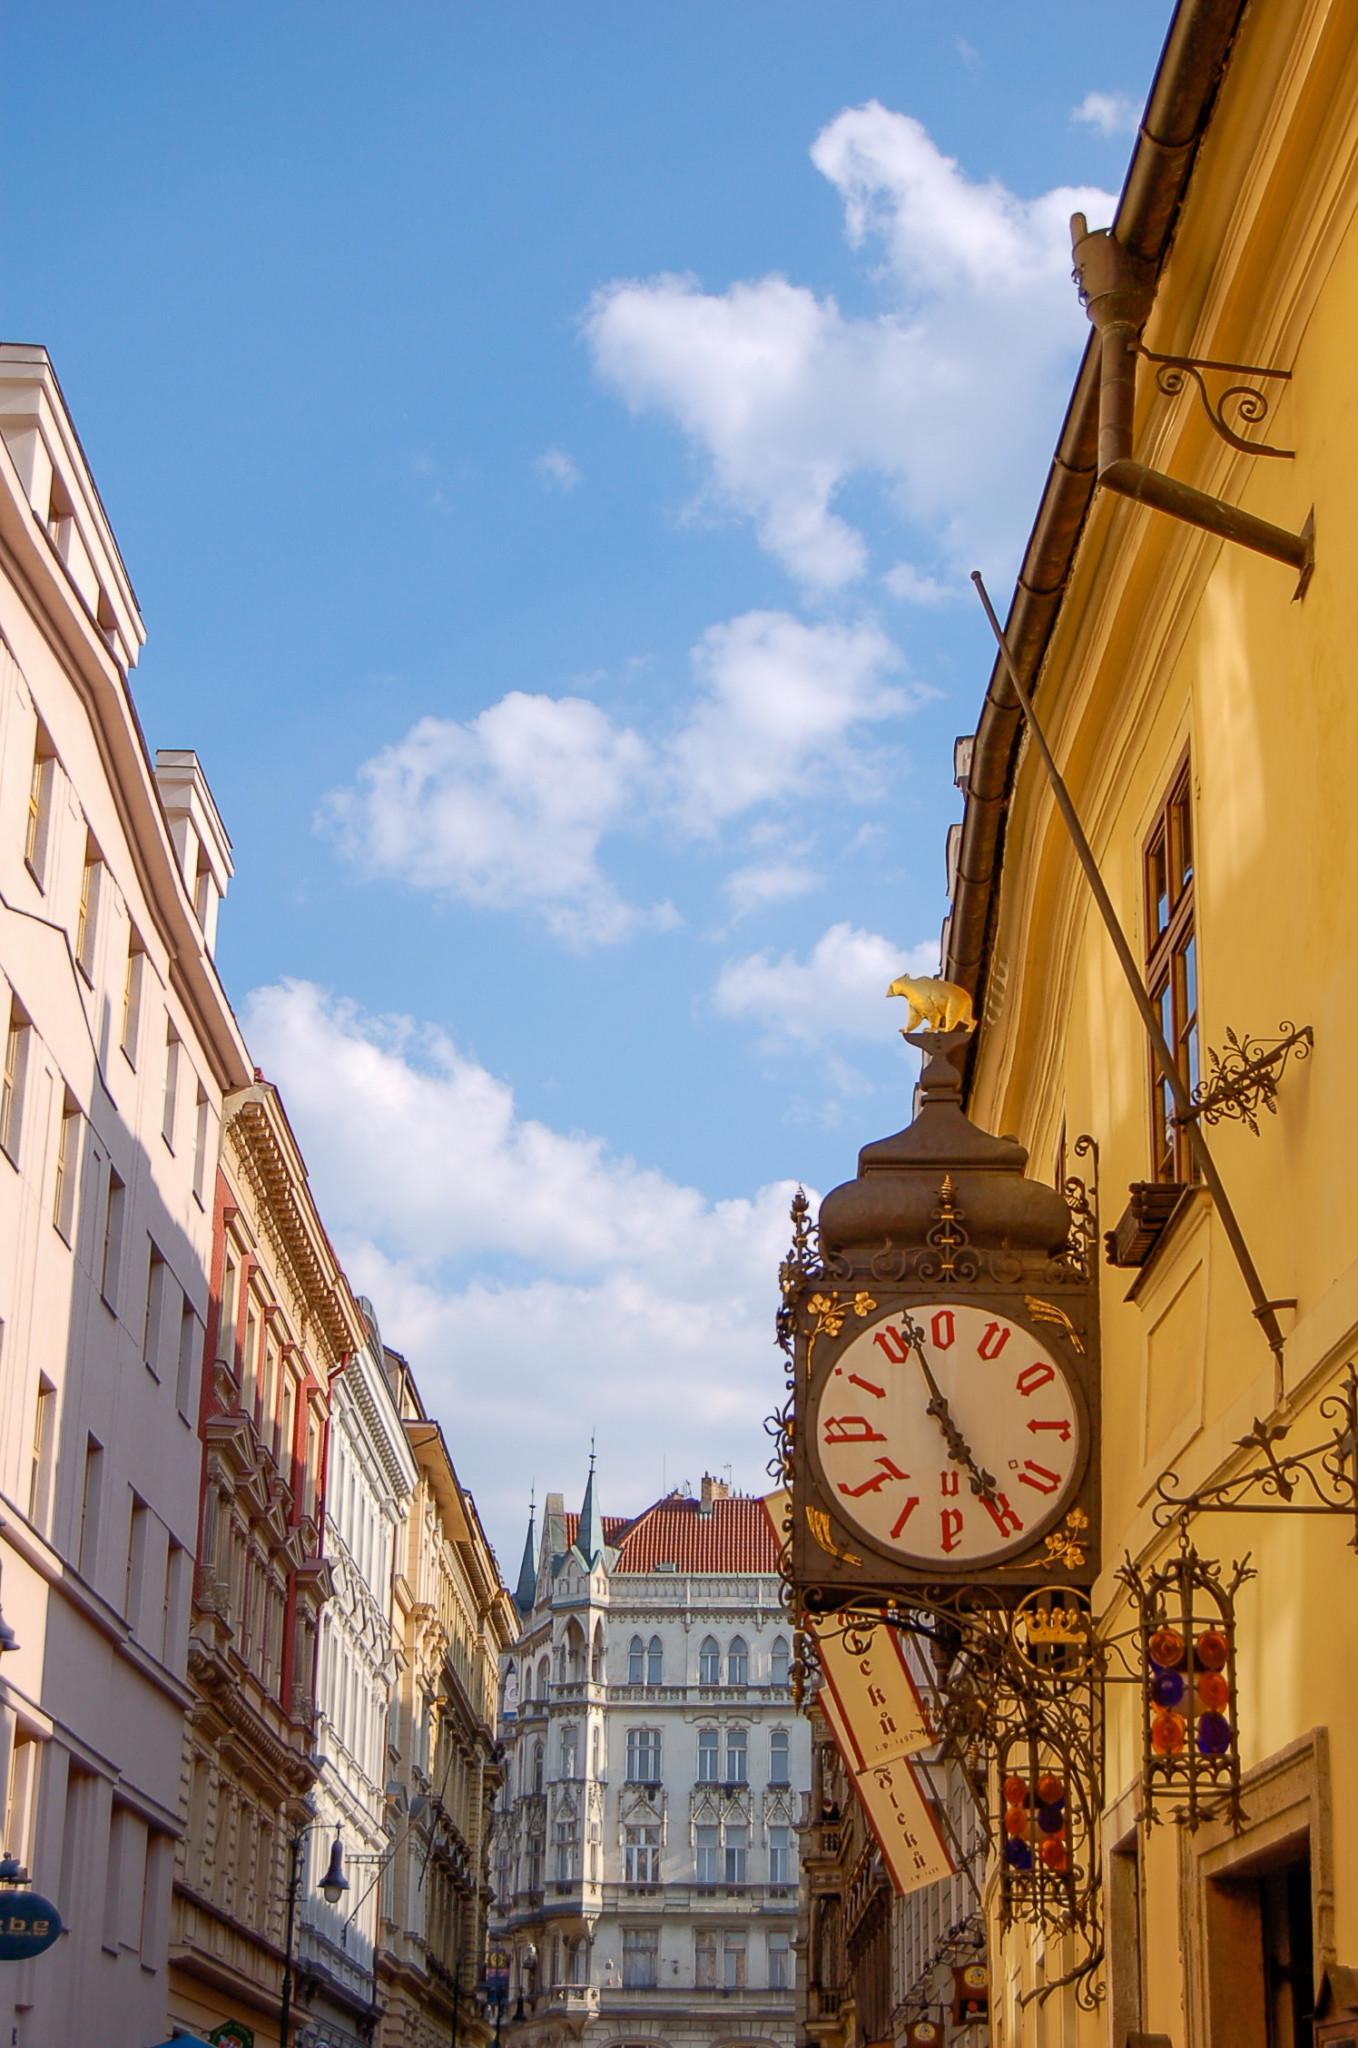 Gassen in der Altstadt von Prag